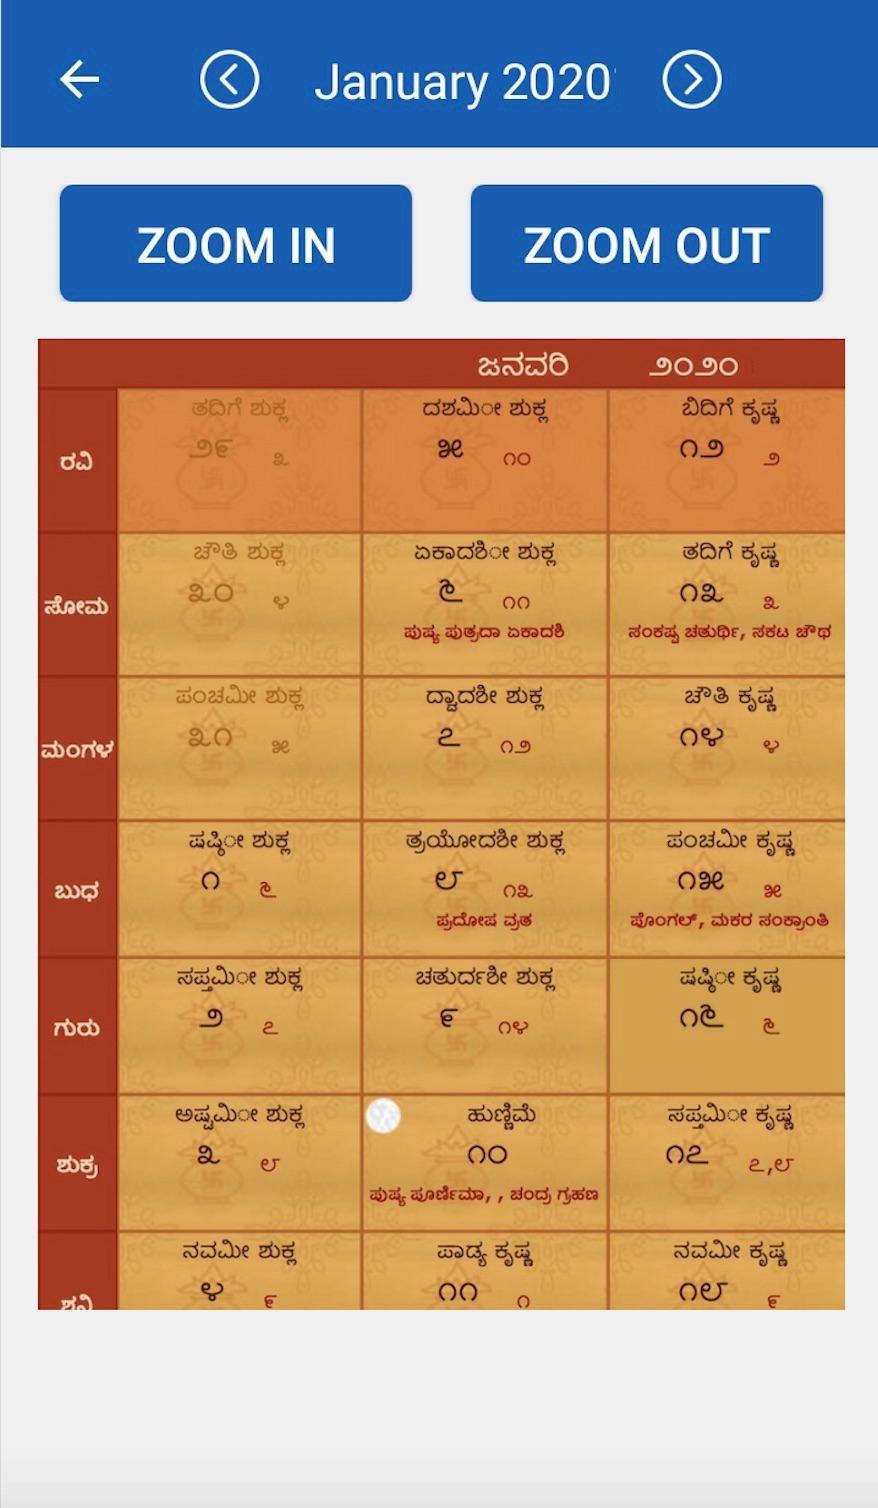 Kannada Calendar 2020 - ಕನ್ನಡ ಕ್ಯಾಲೆಂಡರ್ 2020-January 2020 Calendar Amavasya